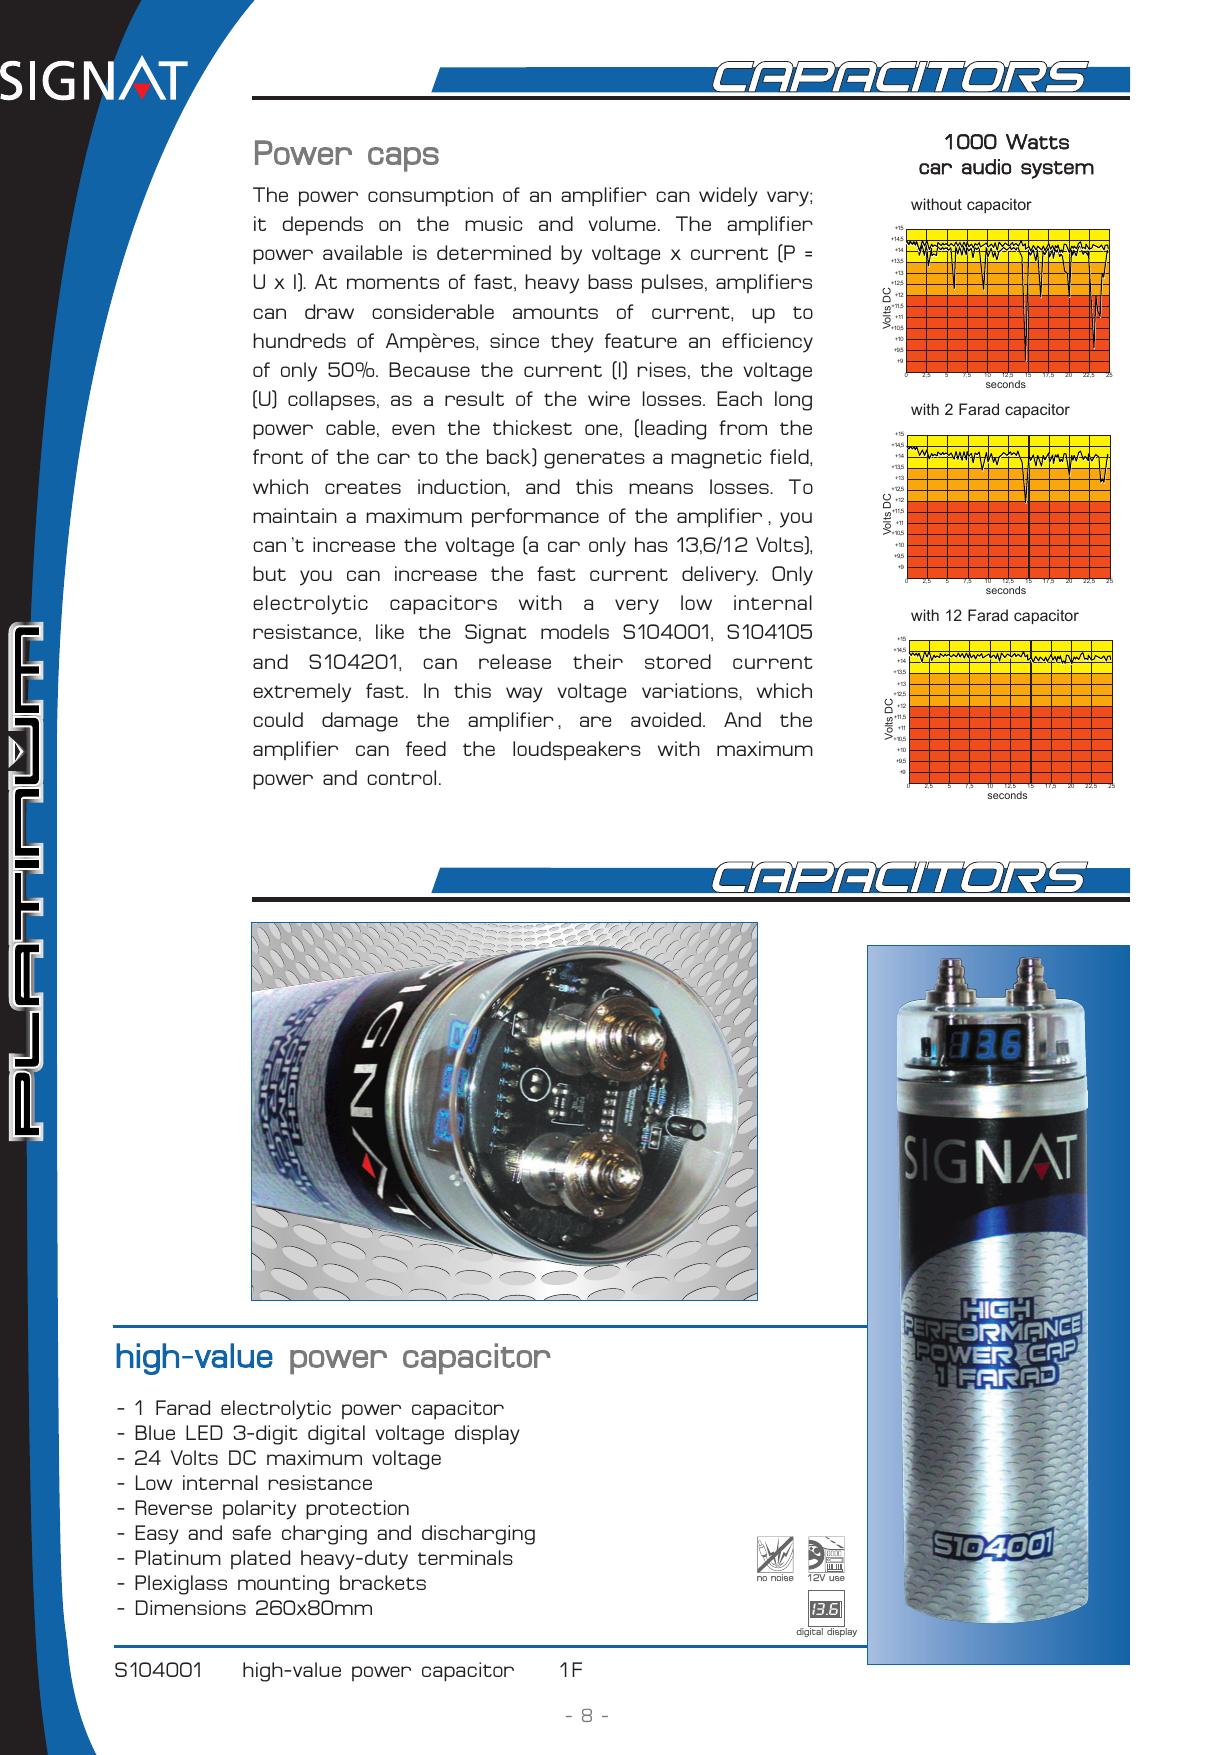 Signat Platinum S104001 Users Manual